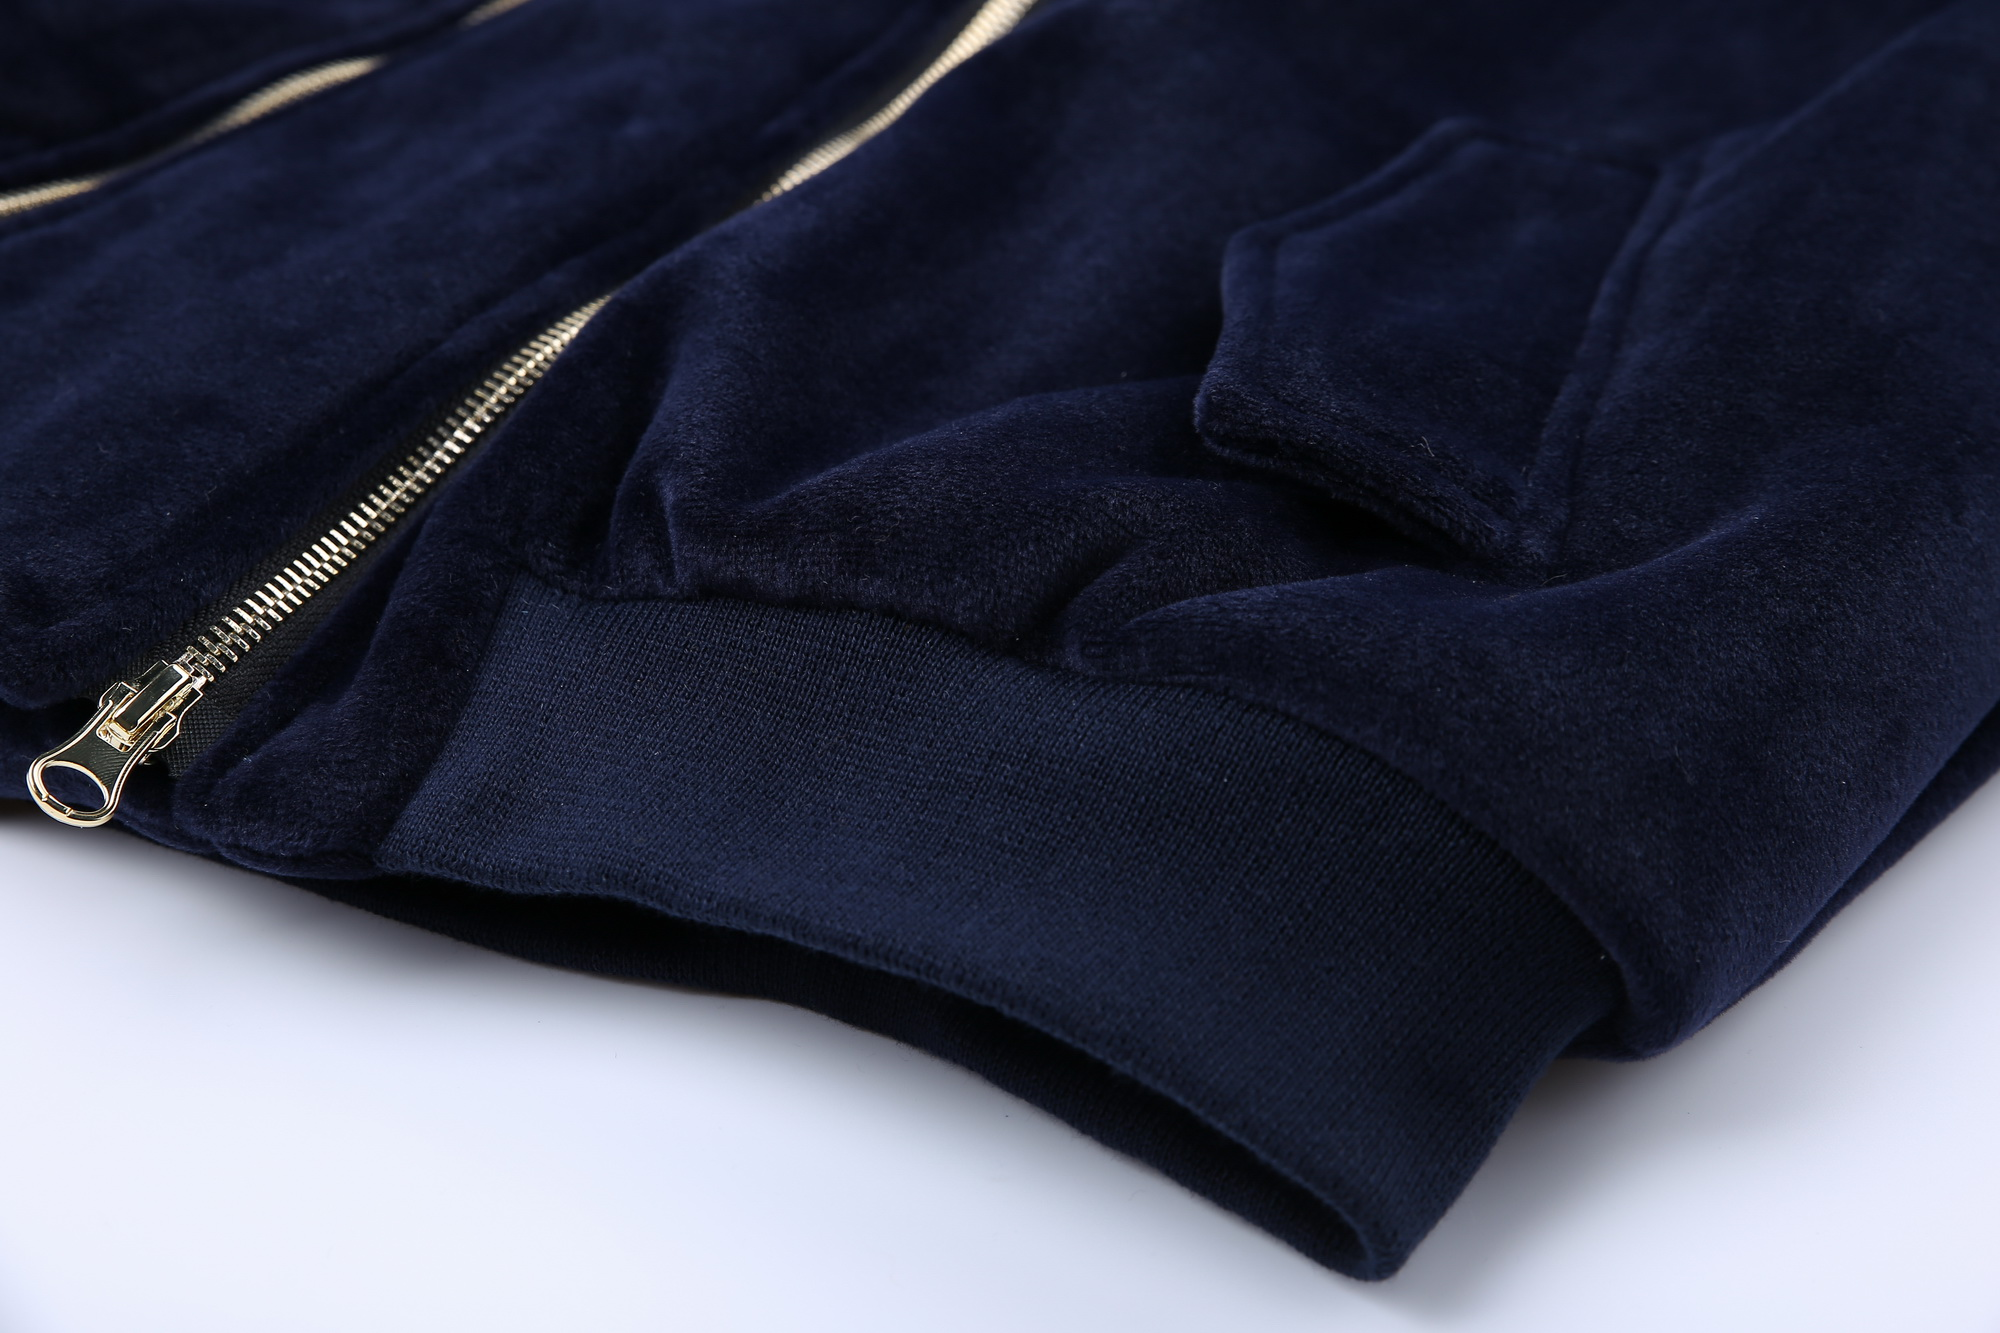 Lanmrem Plein Lâche Printemps À Glissière Navy Qualité Mode Taille Nouveau Blue Métal En Wc83405l Manteau 2019 Fermetures Manches Velours Femmes Veste Haute PwSrPfq